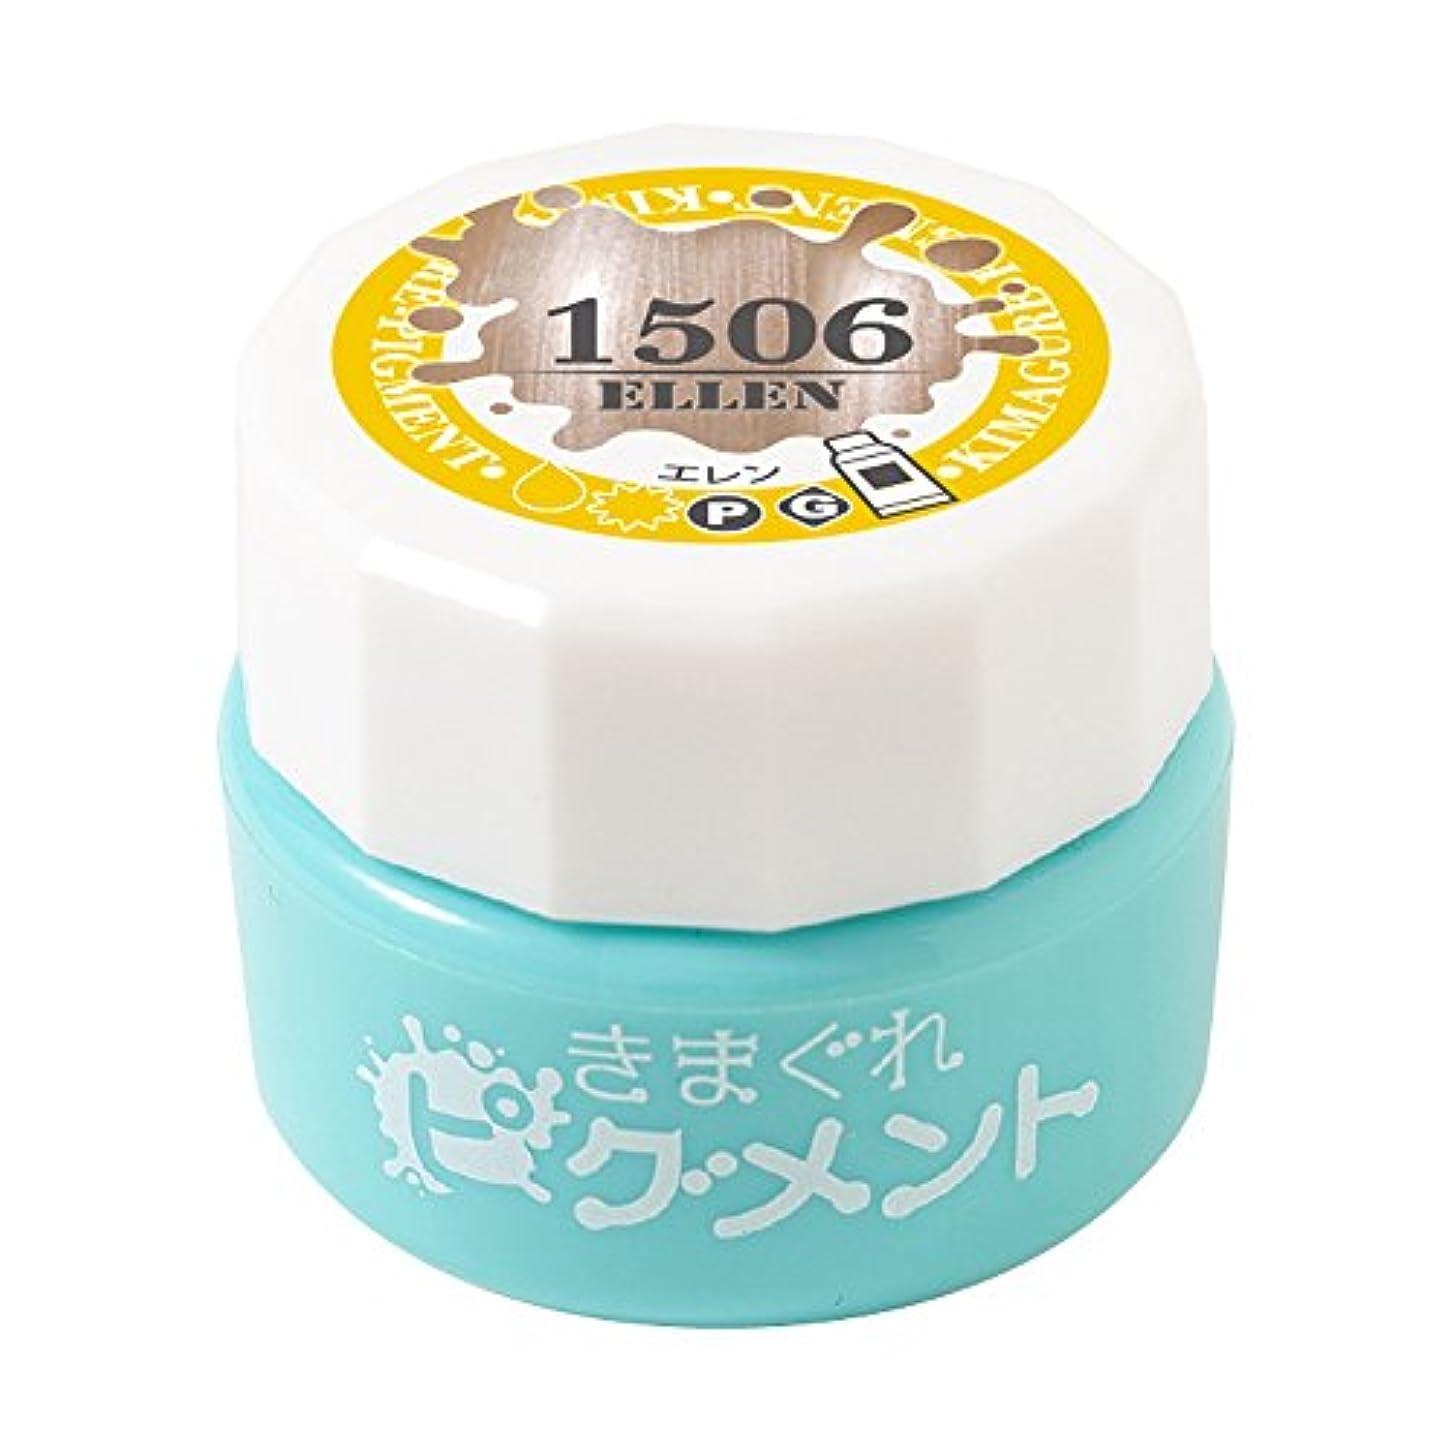 レベル数形Bettygel きまぐれピグメント エレン QYJ-1506 4g UV/LED対応